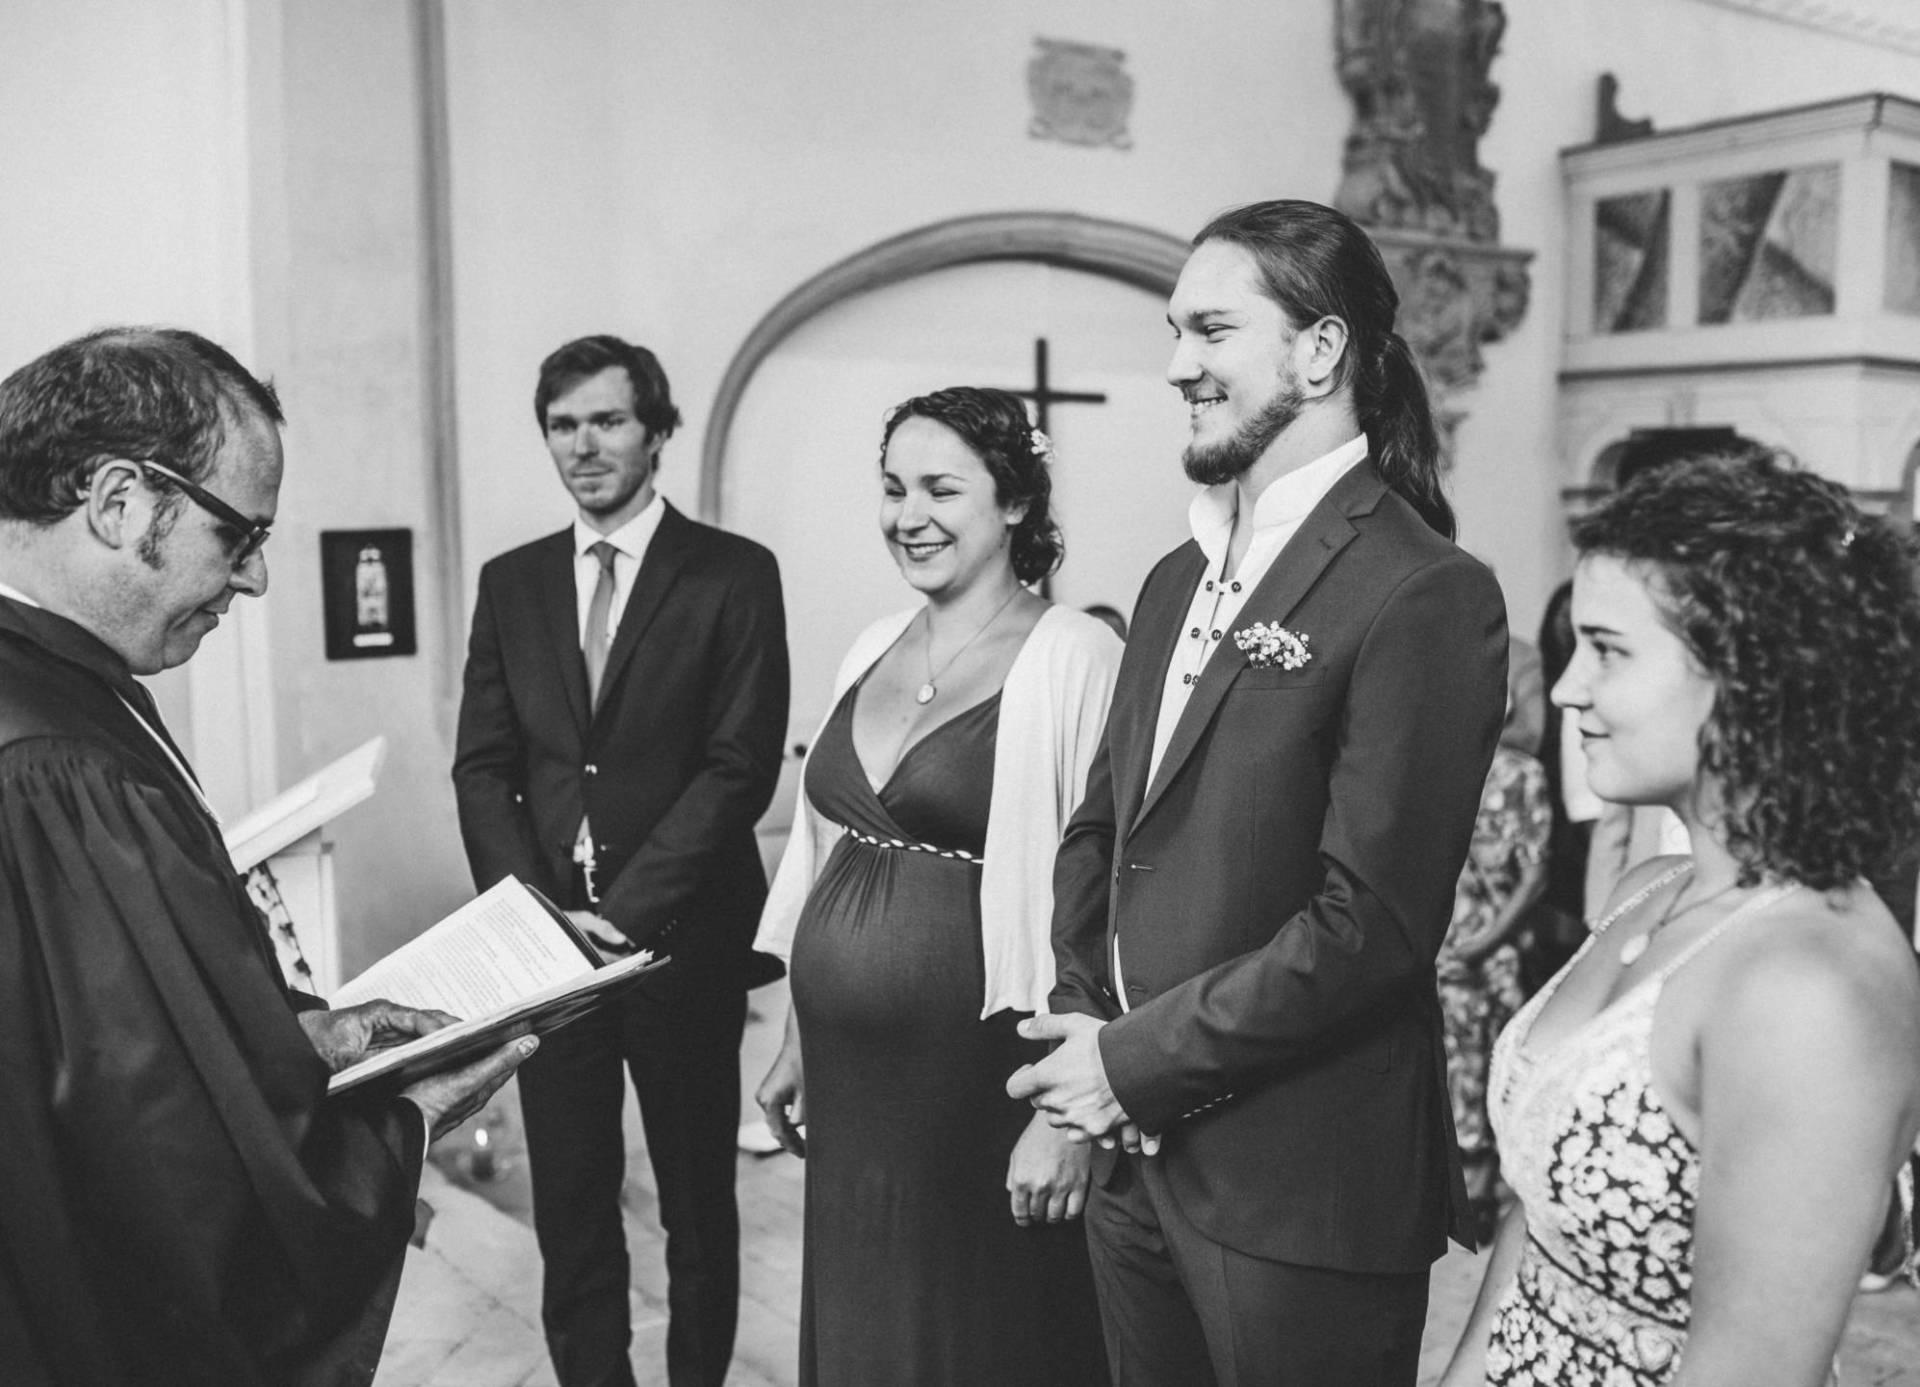 Hochzeitsreportage | Hochzeit in Kreuzgewölbe Schöngleina | 8